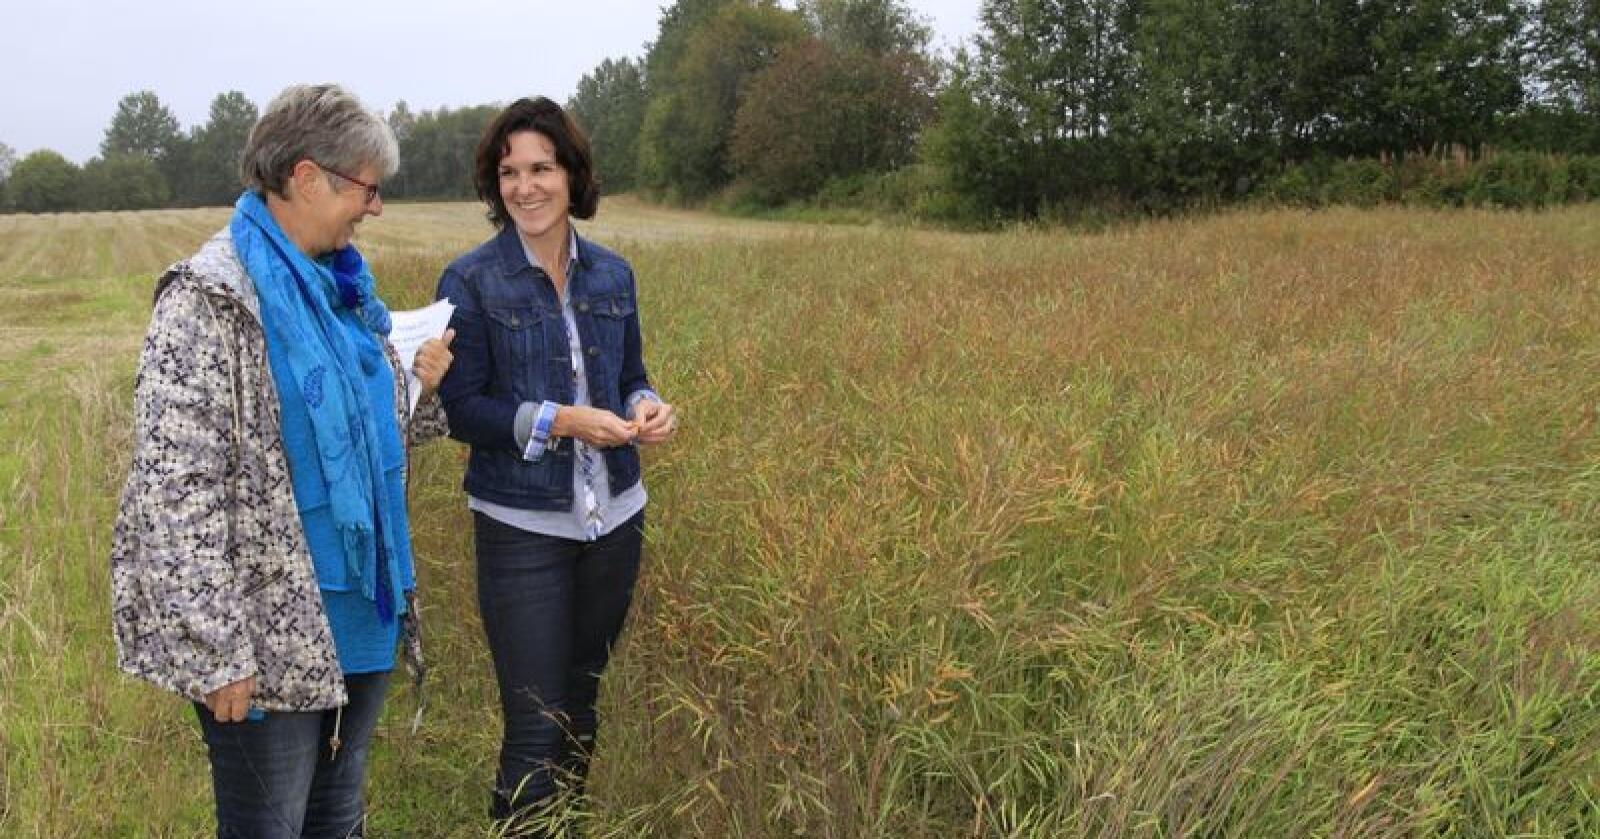 Dersom vekstskiftet optimaliseres, bør det være mulig å øke produksjonen av protein på kornarealene med mer enn 10 prosent, mener forsker Unni Abrahamsen (t.v.) ved Nibio Apelsvoll. Forsker Wendy Waalen til høyre. (Arkivfoto)